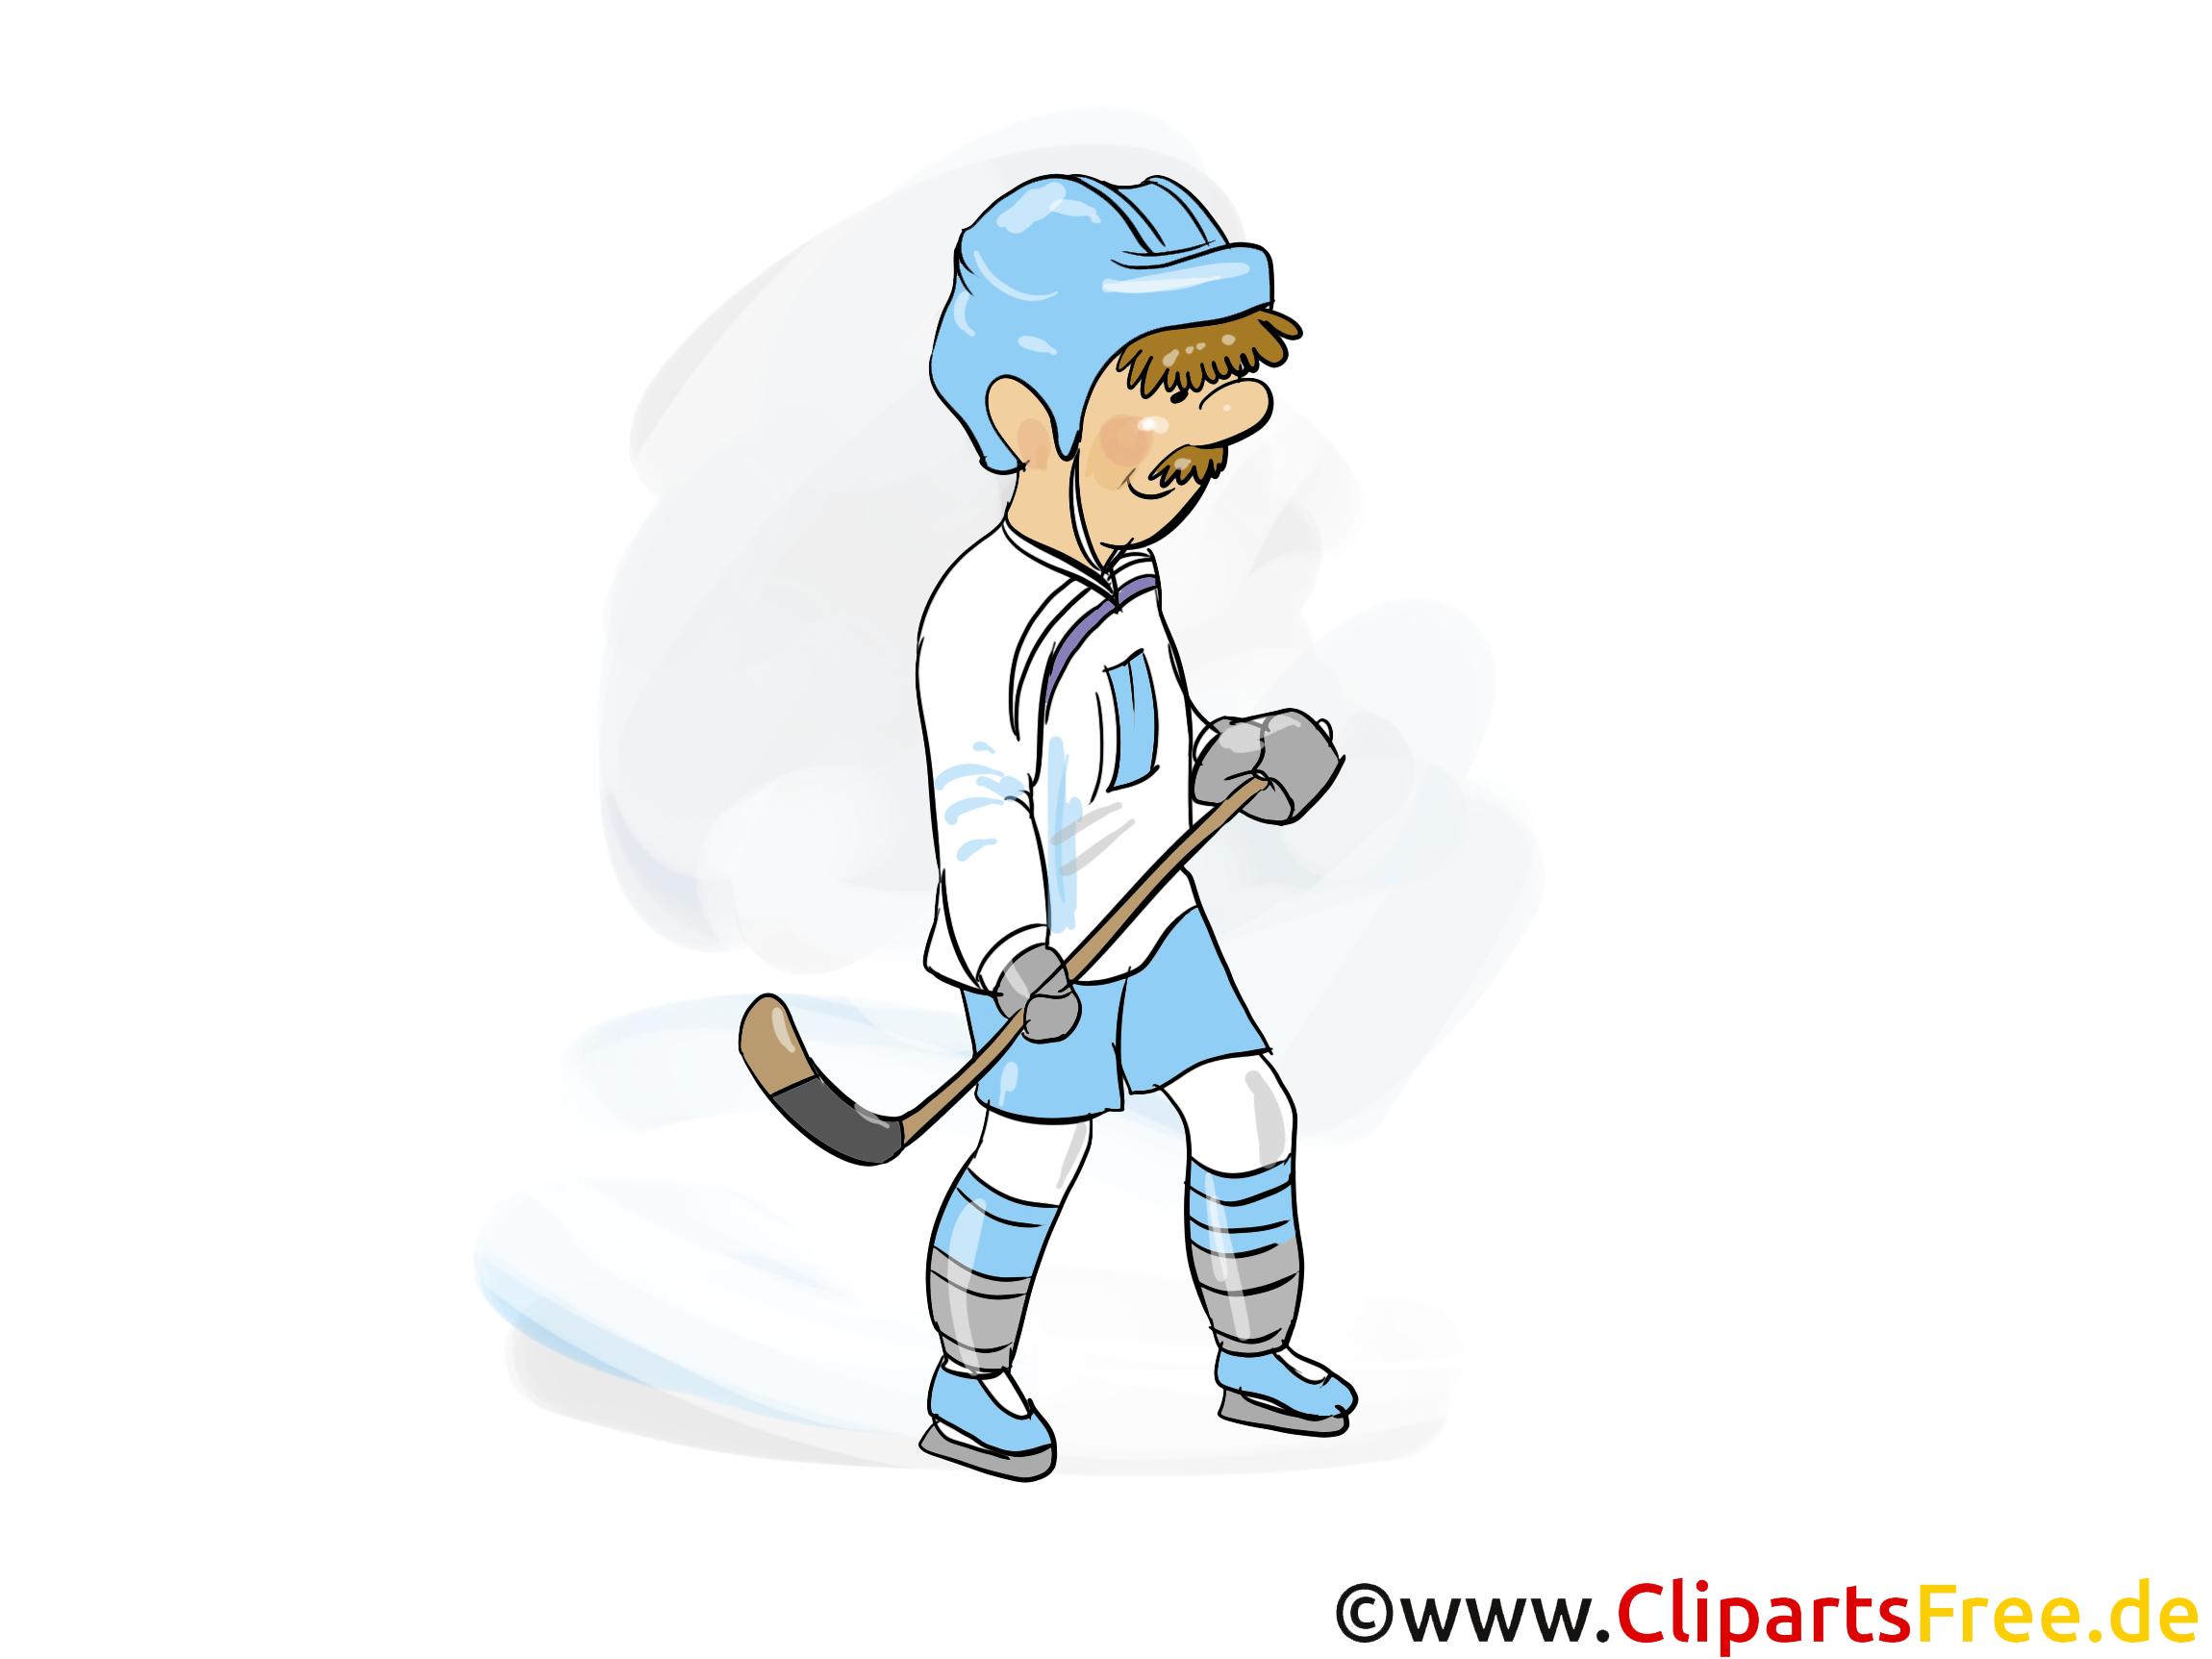 Cross clip art – Hockey gratuite